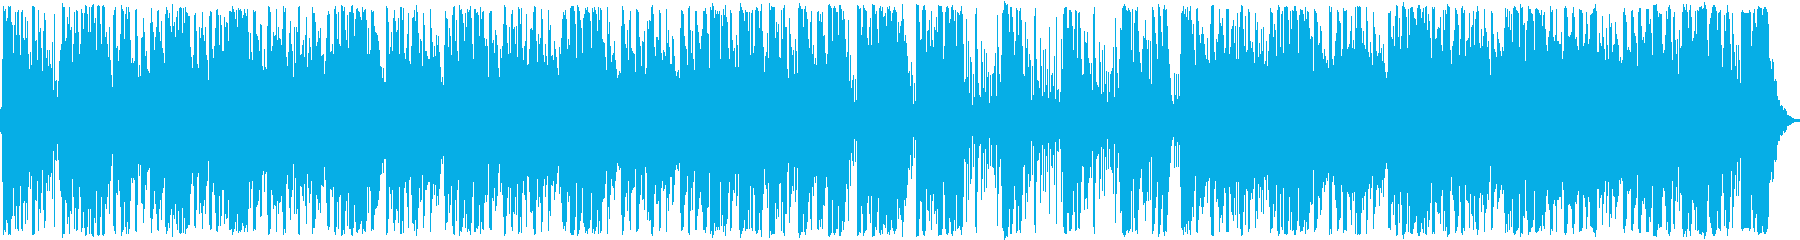 シネマティック アクション 感情的...の再生済みの波形